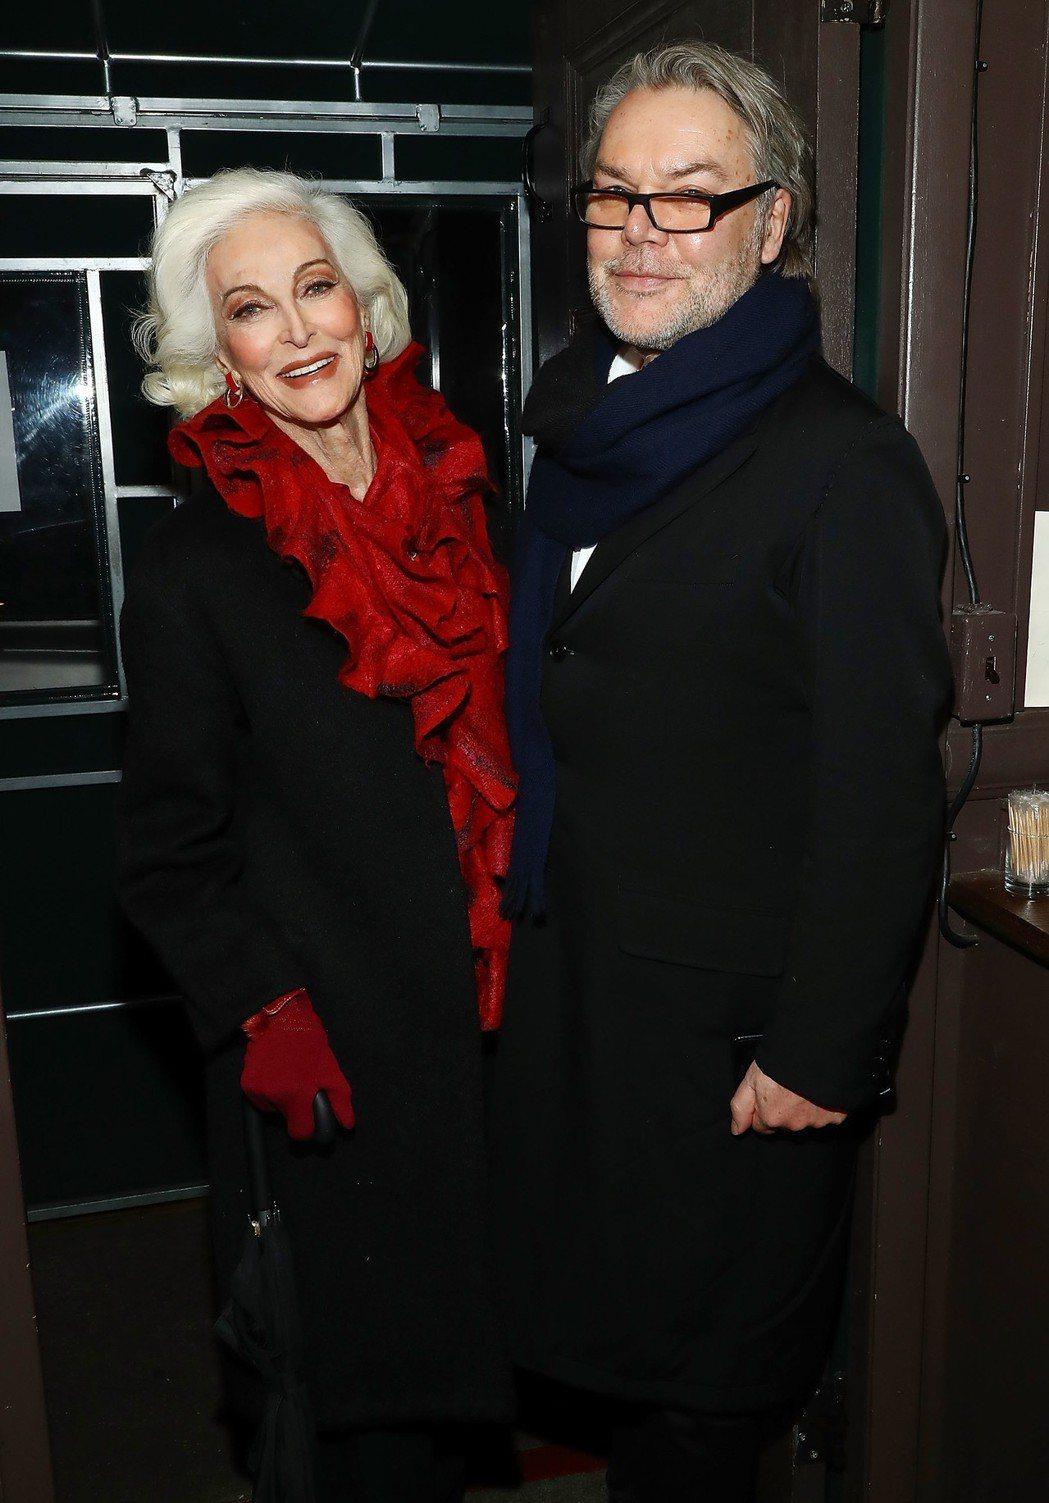 超模 Carmen DellOrefice與時尚插畫家大衛唐頓出席品牌晚宴。圖/...